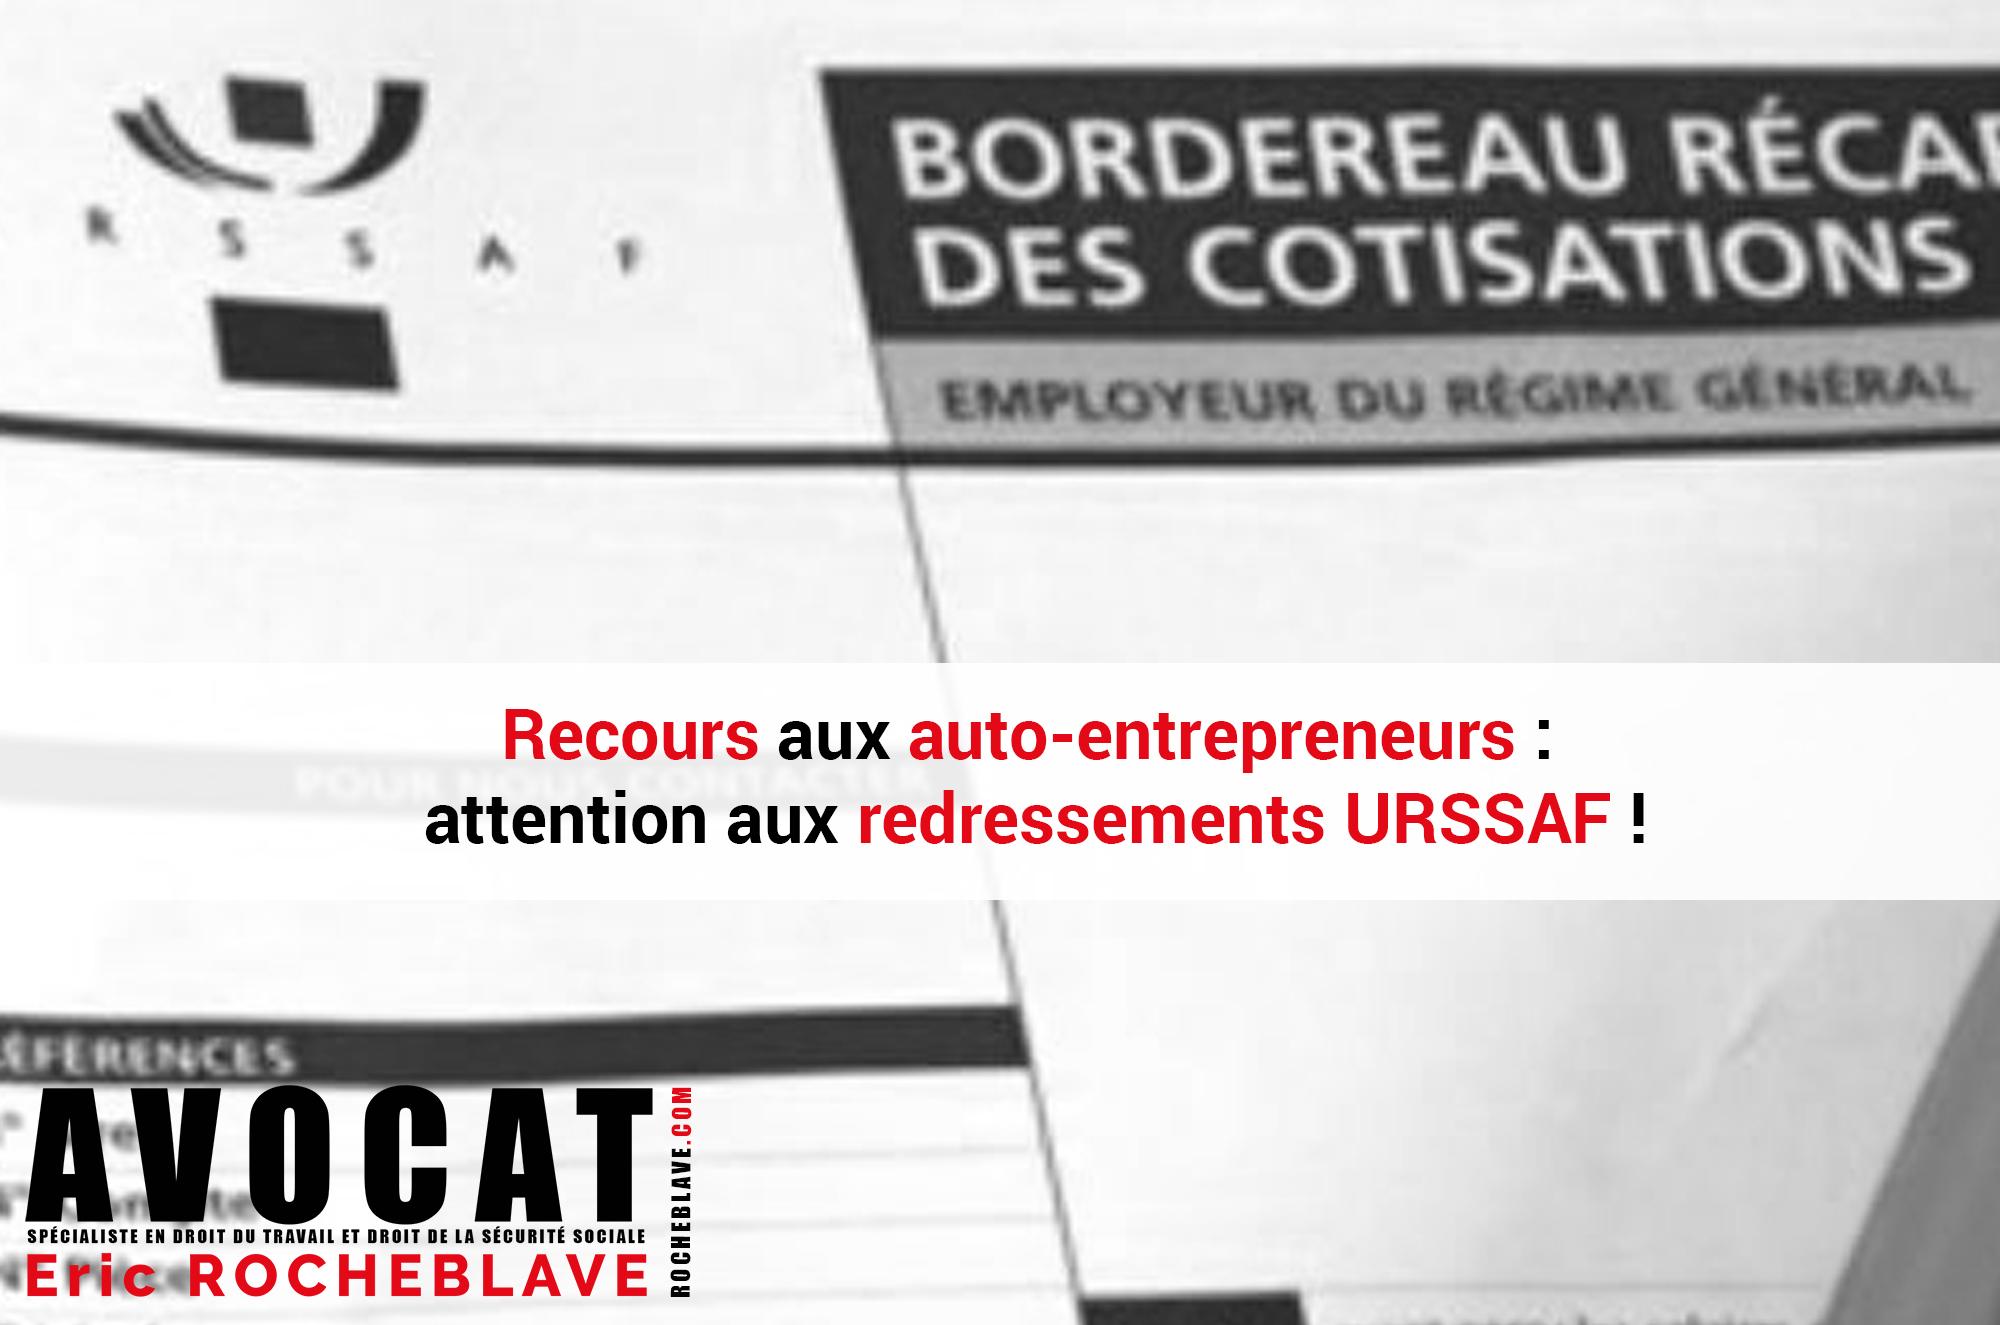 Recours aux auto-entrepreneurs : attention aux redressements URSSAF !